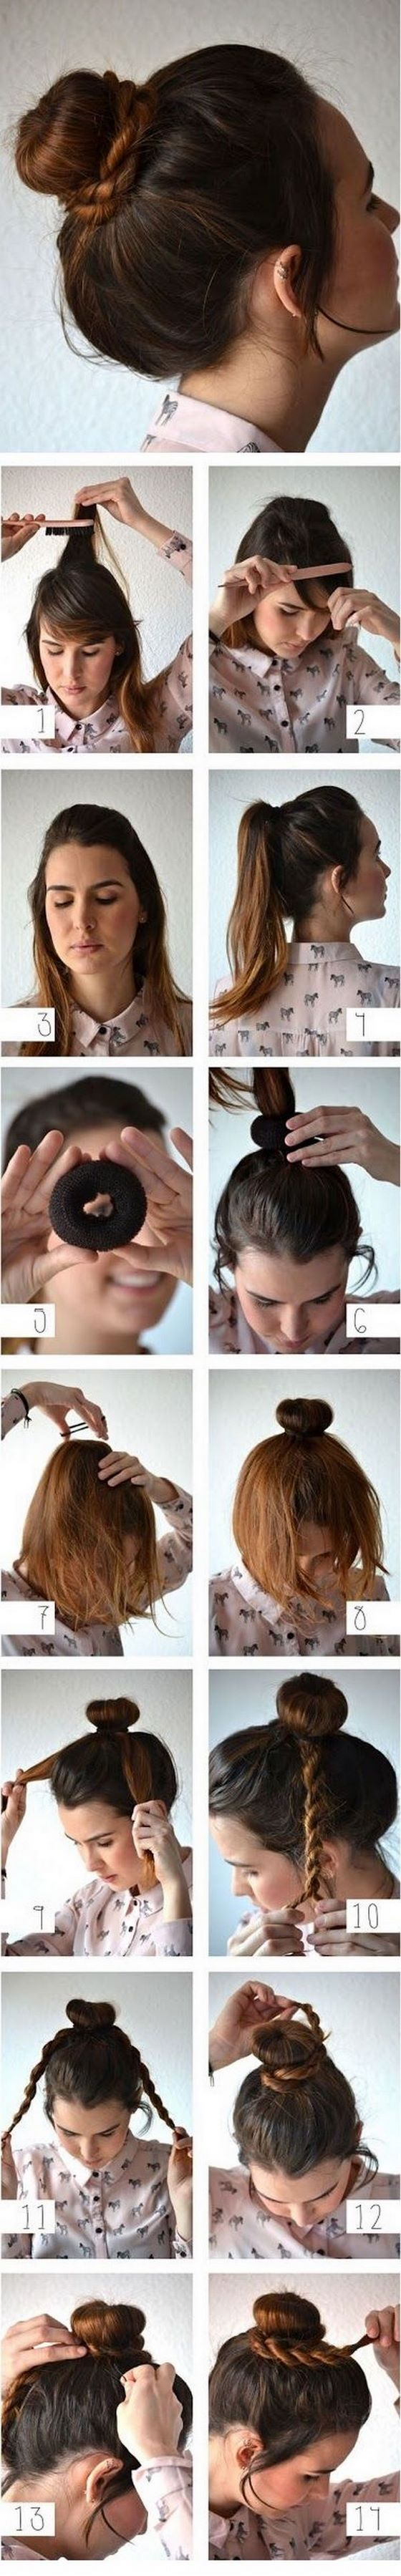 30 peinados de tendencia y tutoriales Belleza